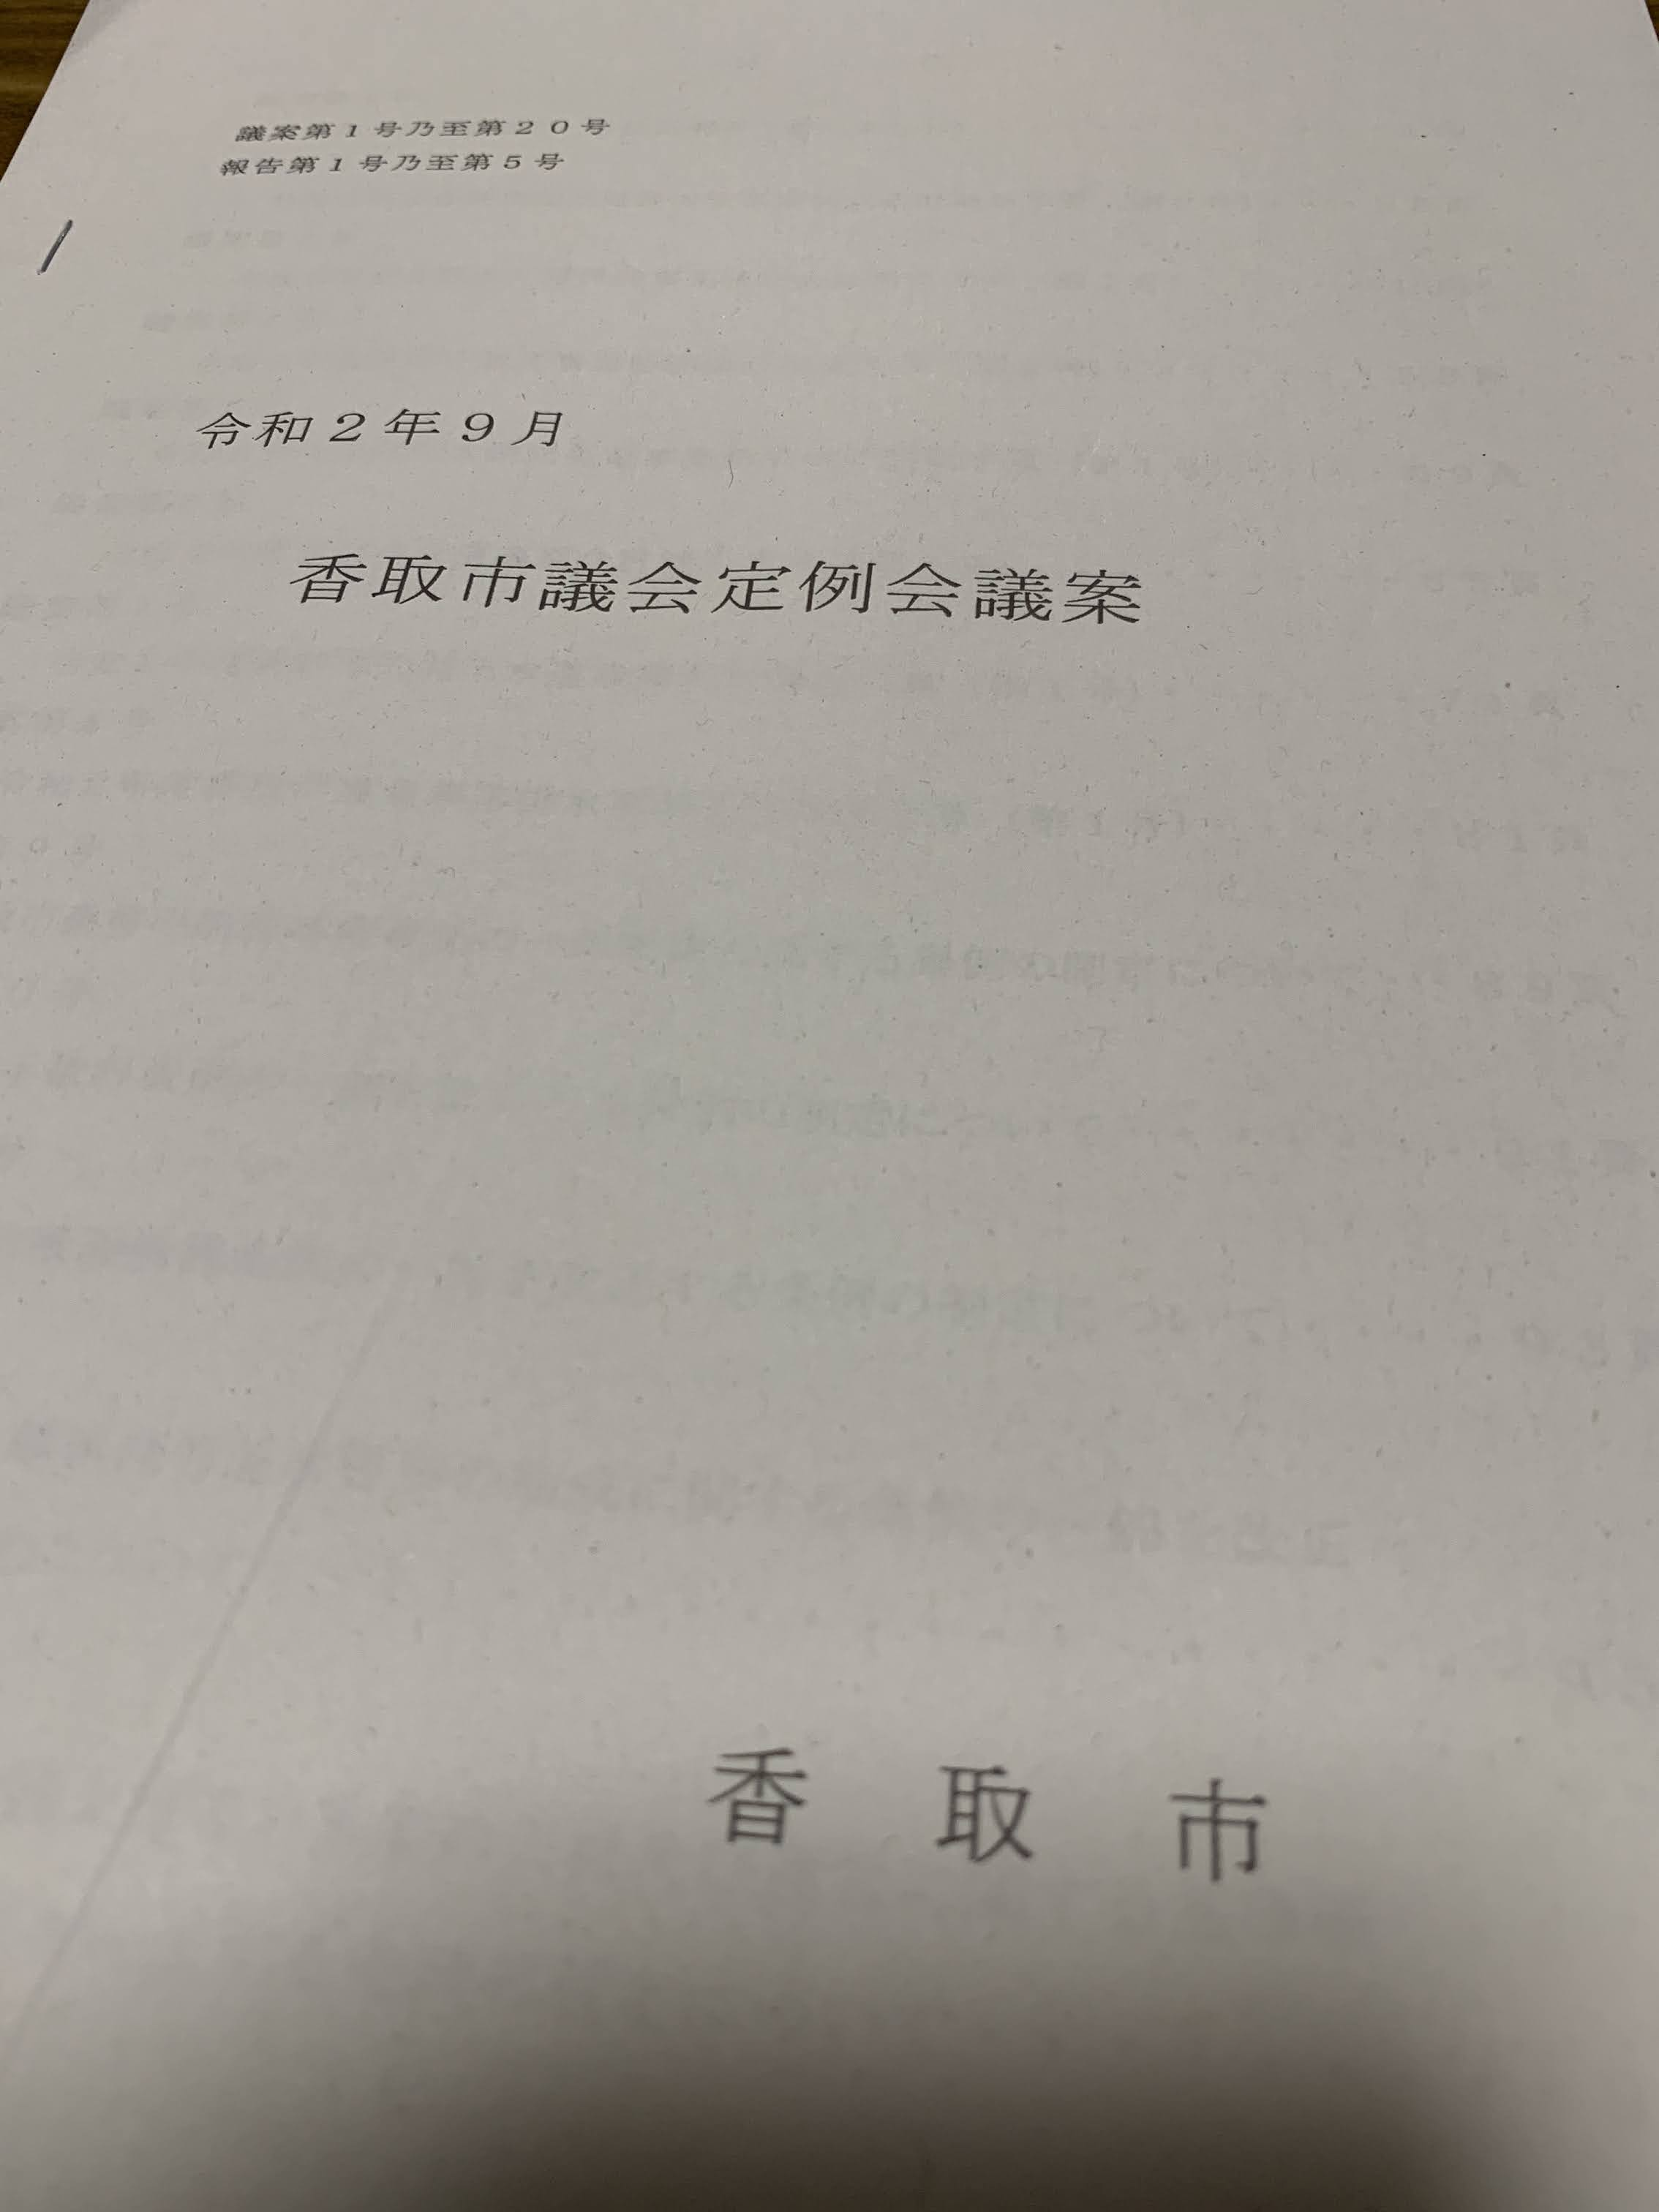 令和2年9月香取市議会定例会議案